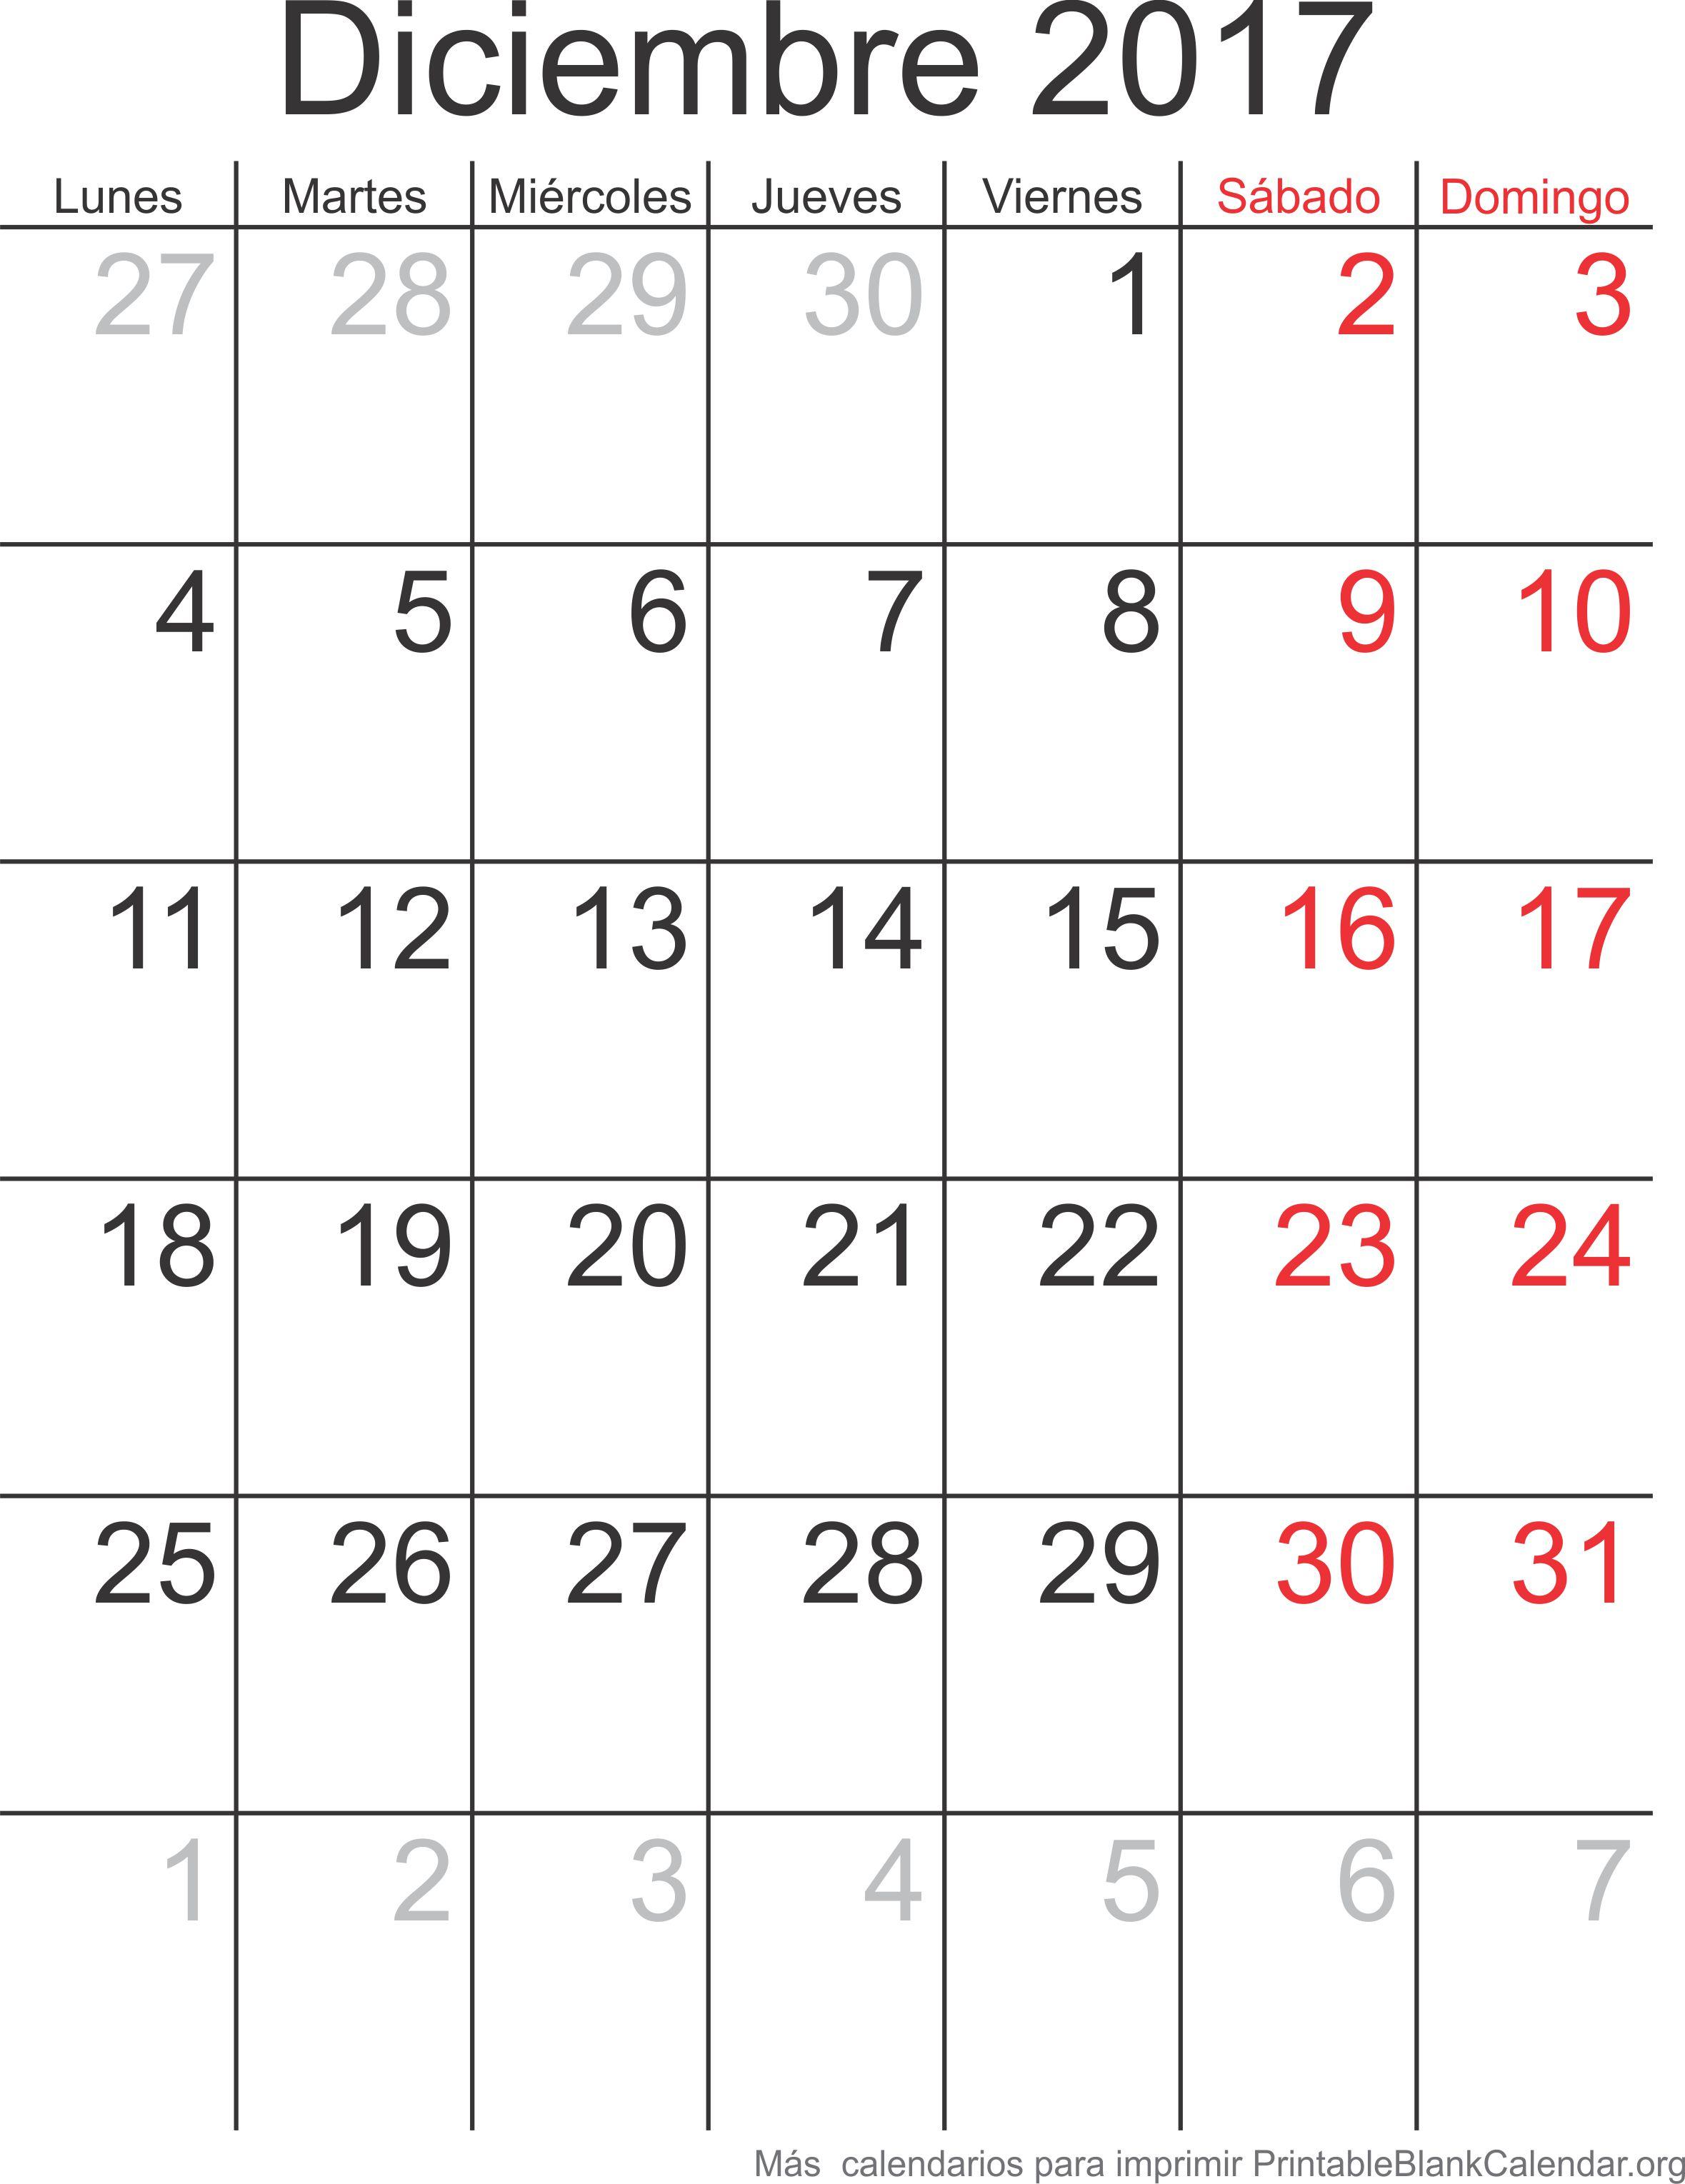 dec 2017 calendario